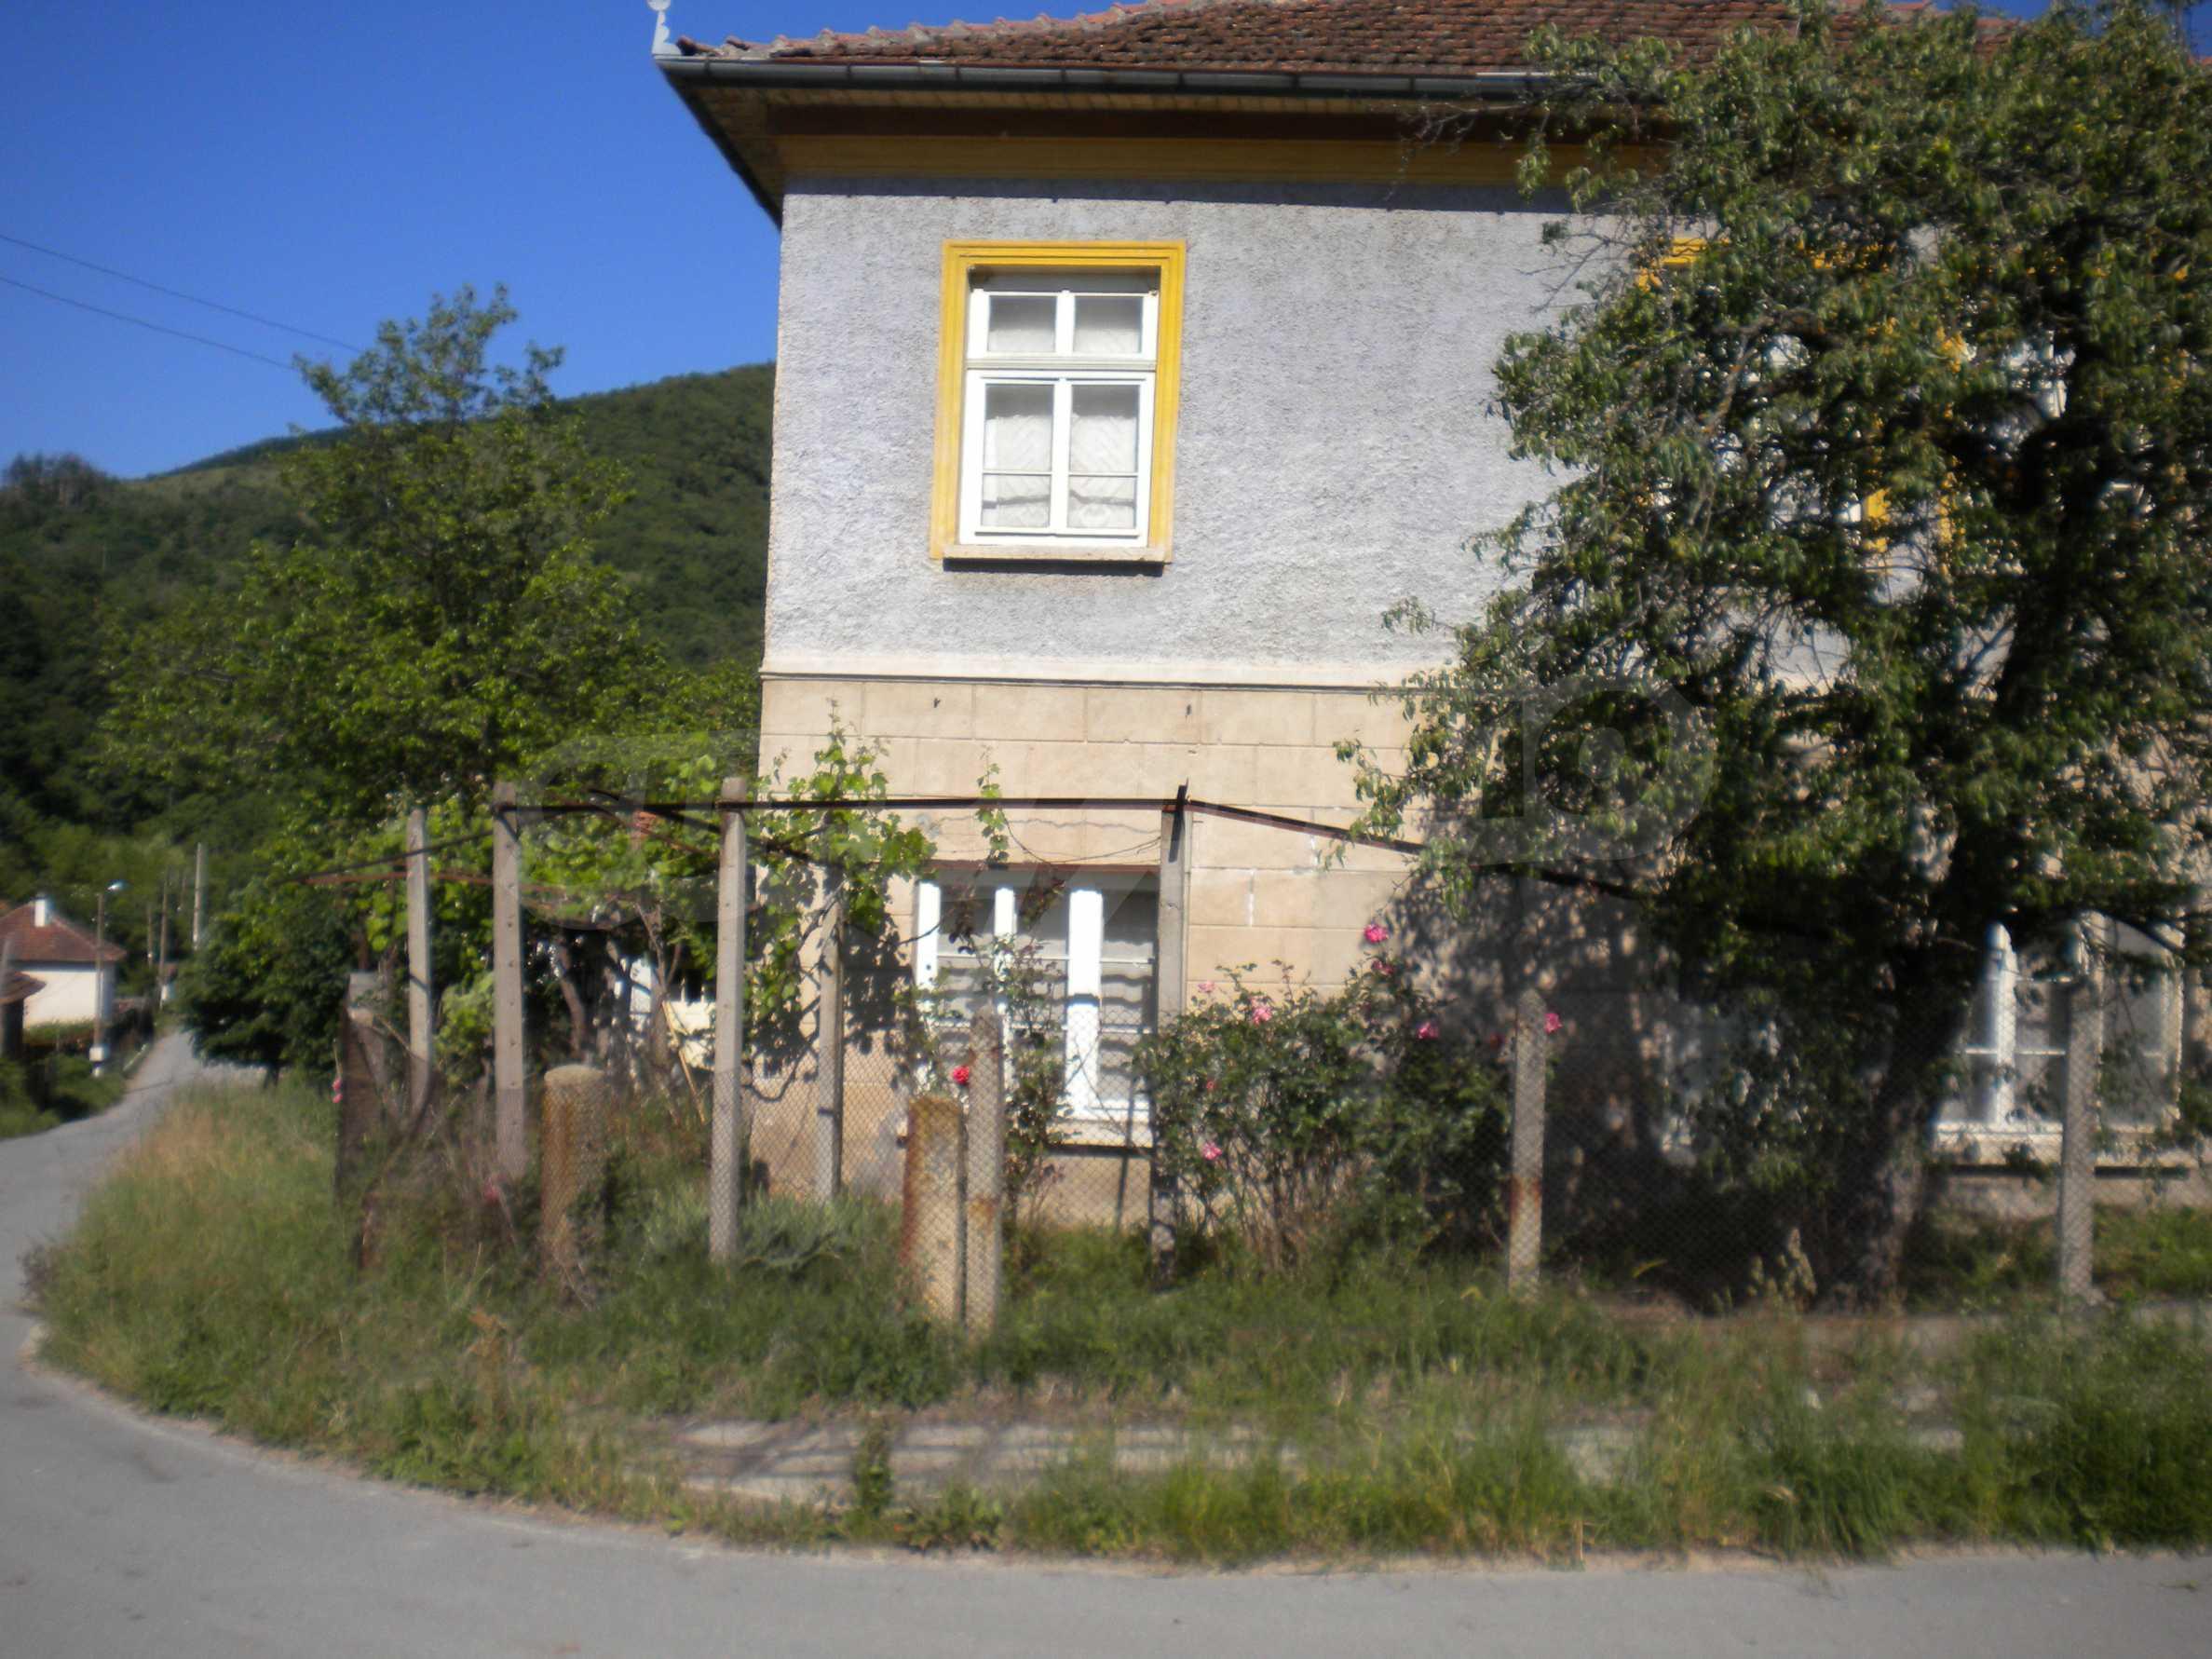 Къща на два етажа в полите на Стара планина близо до Белоградчик 1